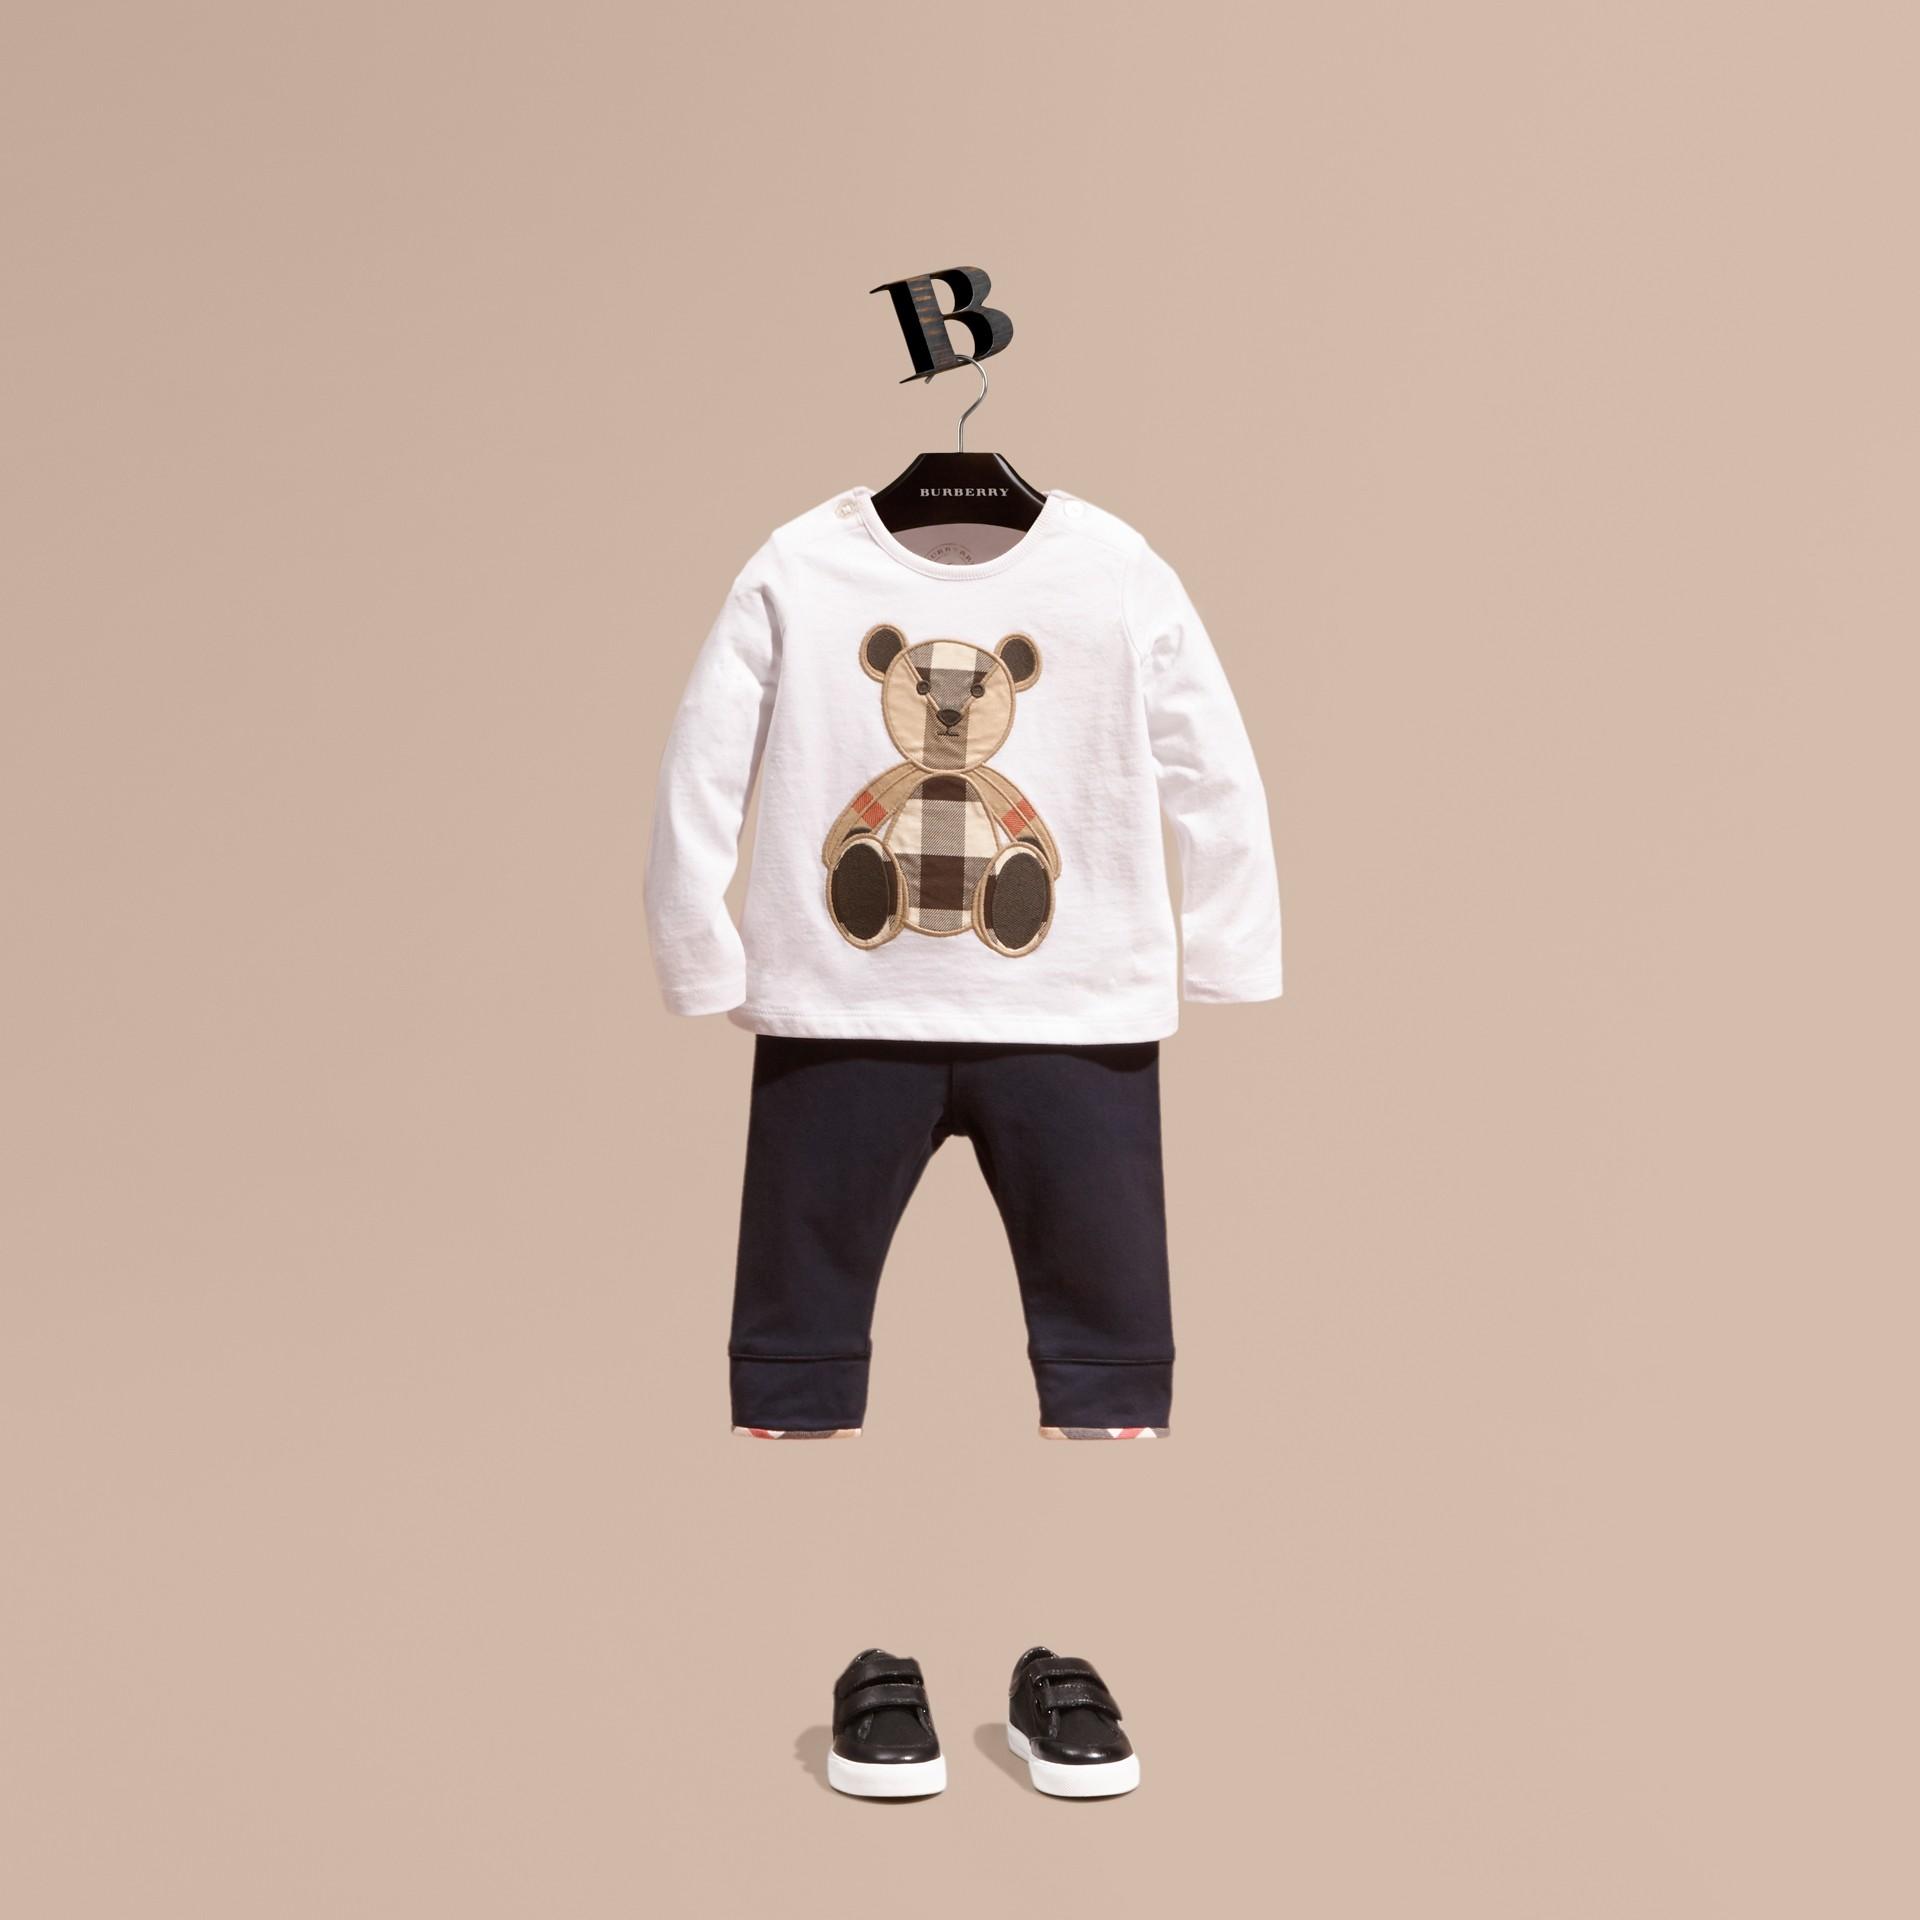 Blanc T-shirt en coton à manches longues avec motif Teddy-bear - photo de la galerie 1